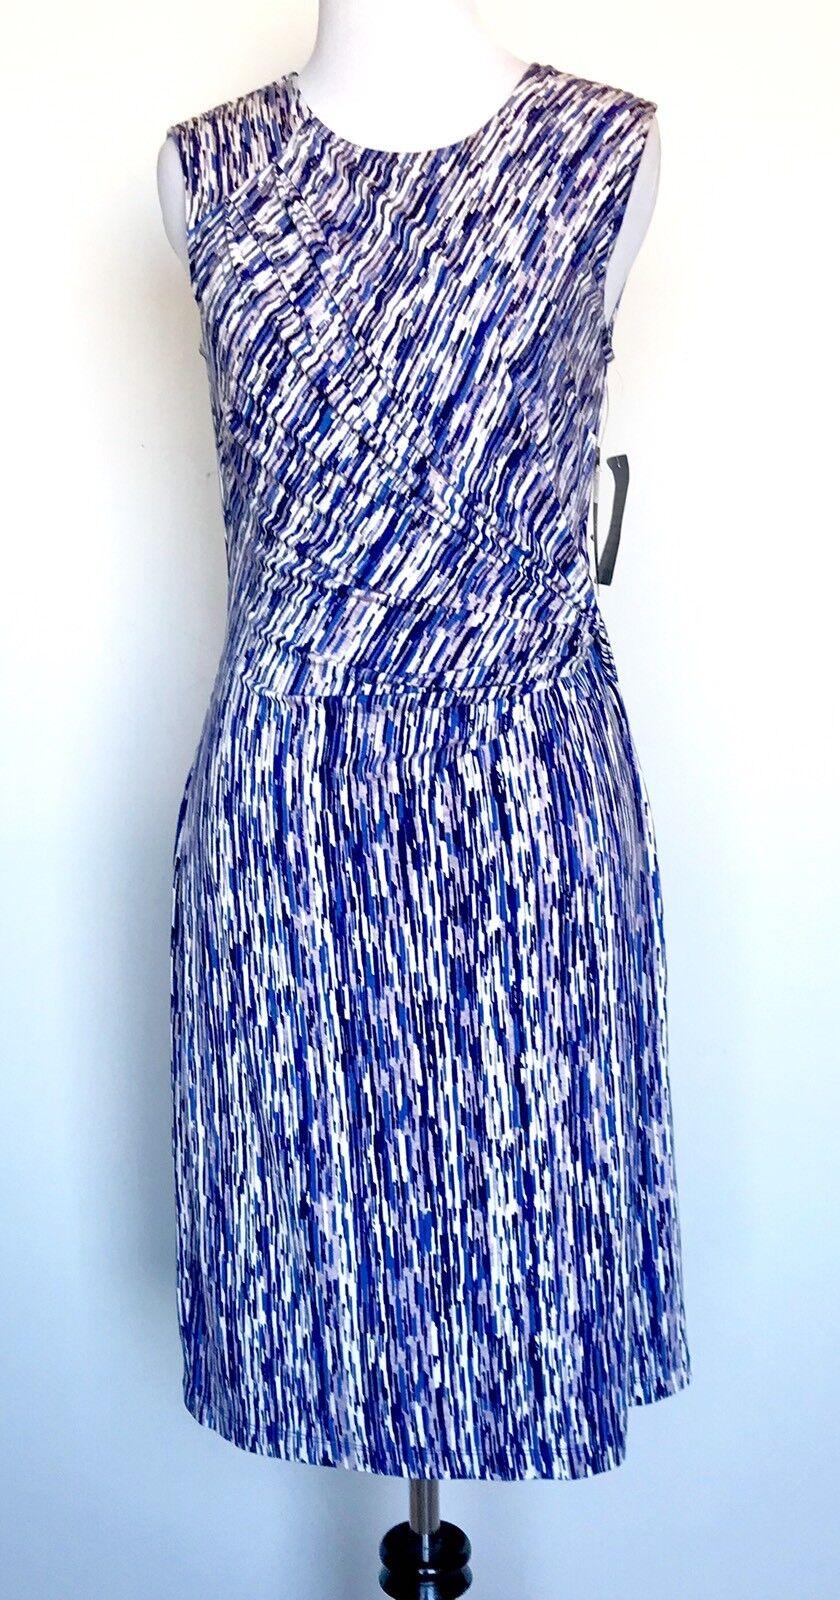 Nic + Zoe Mirage Twist Stretch Dress. NWT Size PP ( XSP)Retail  Price